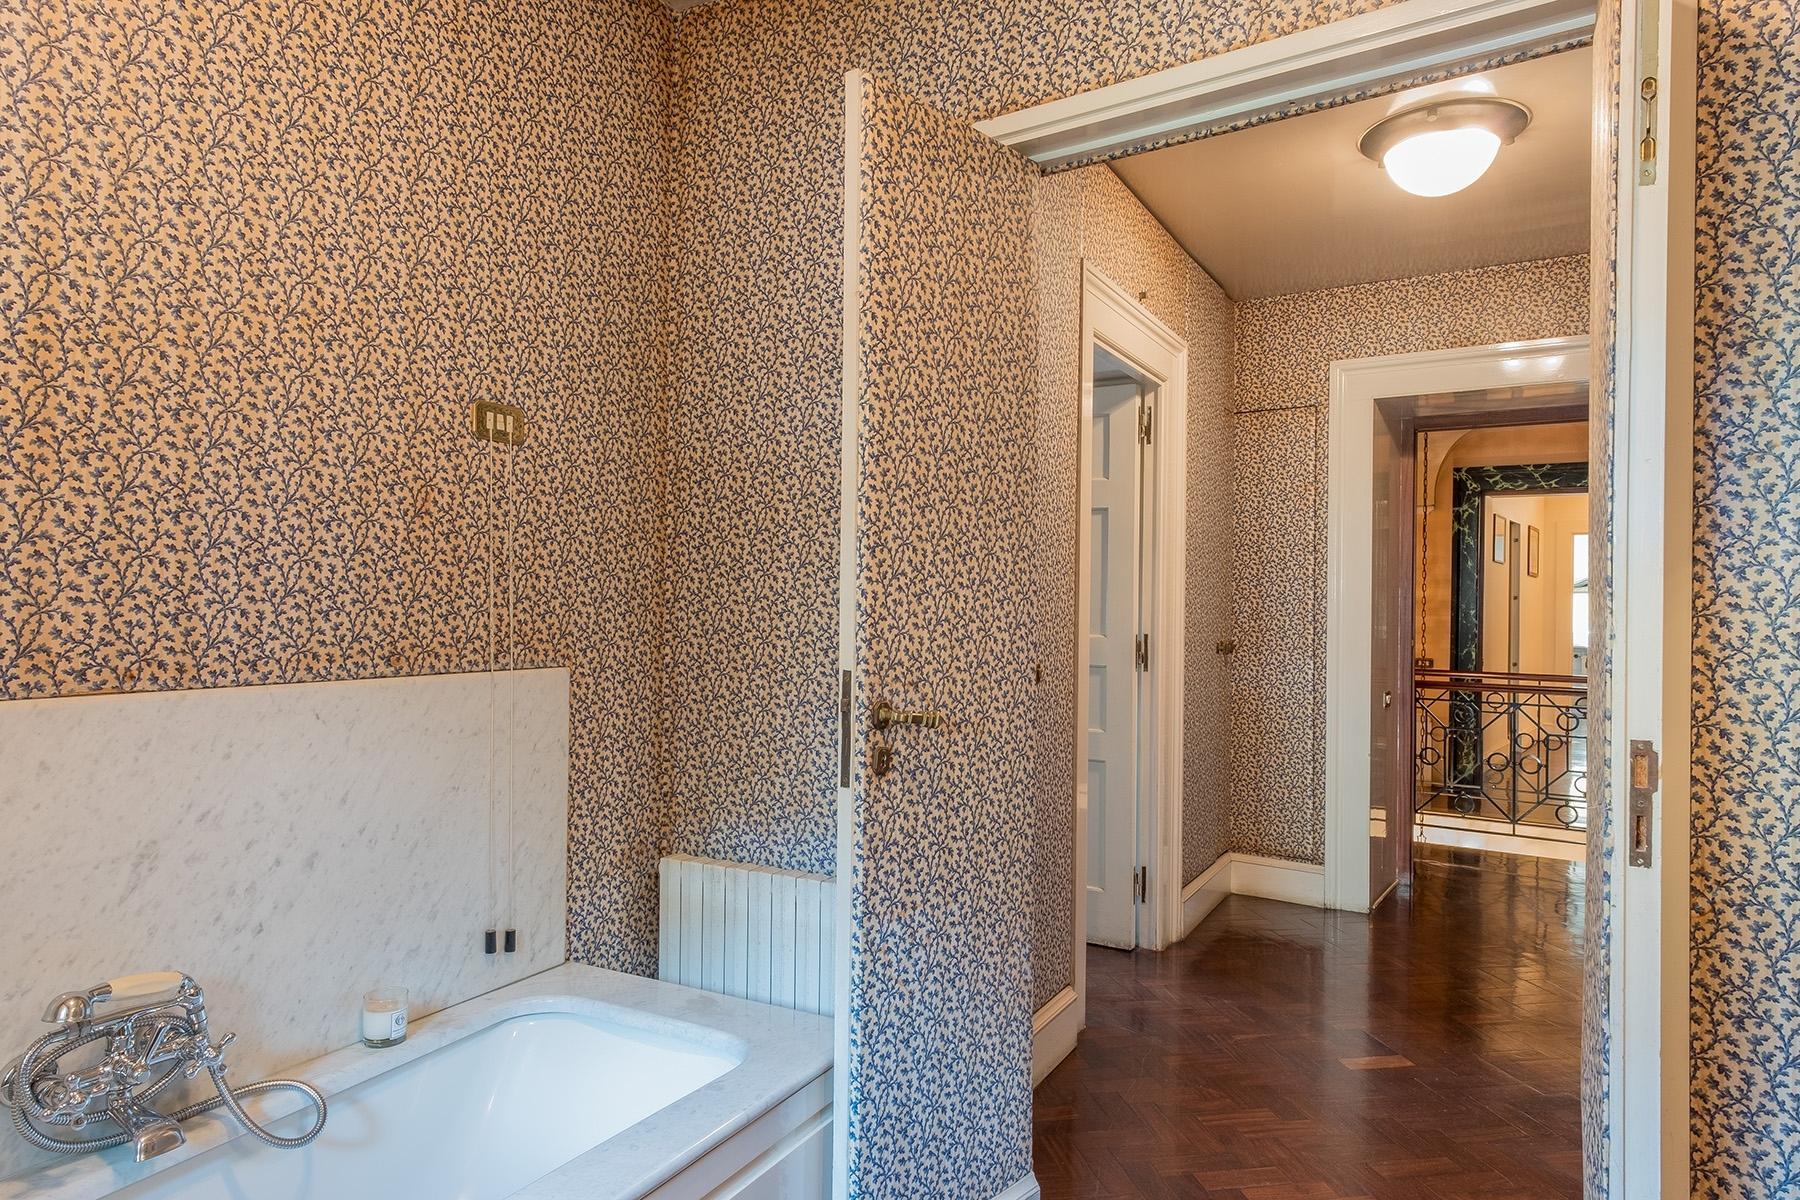 Scenographic apartment in historic building in Via Mergellina - 11